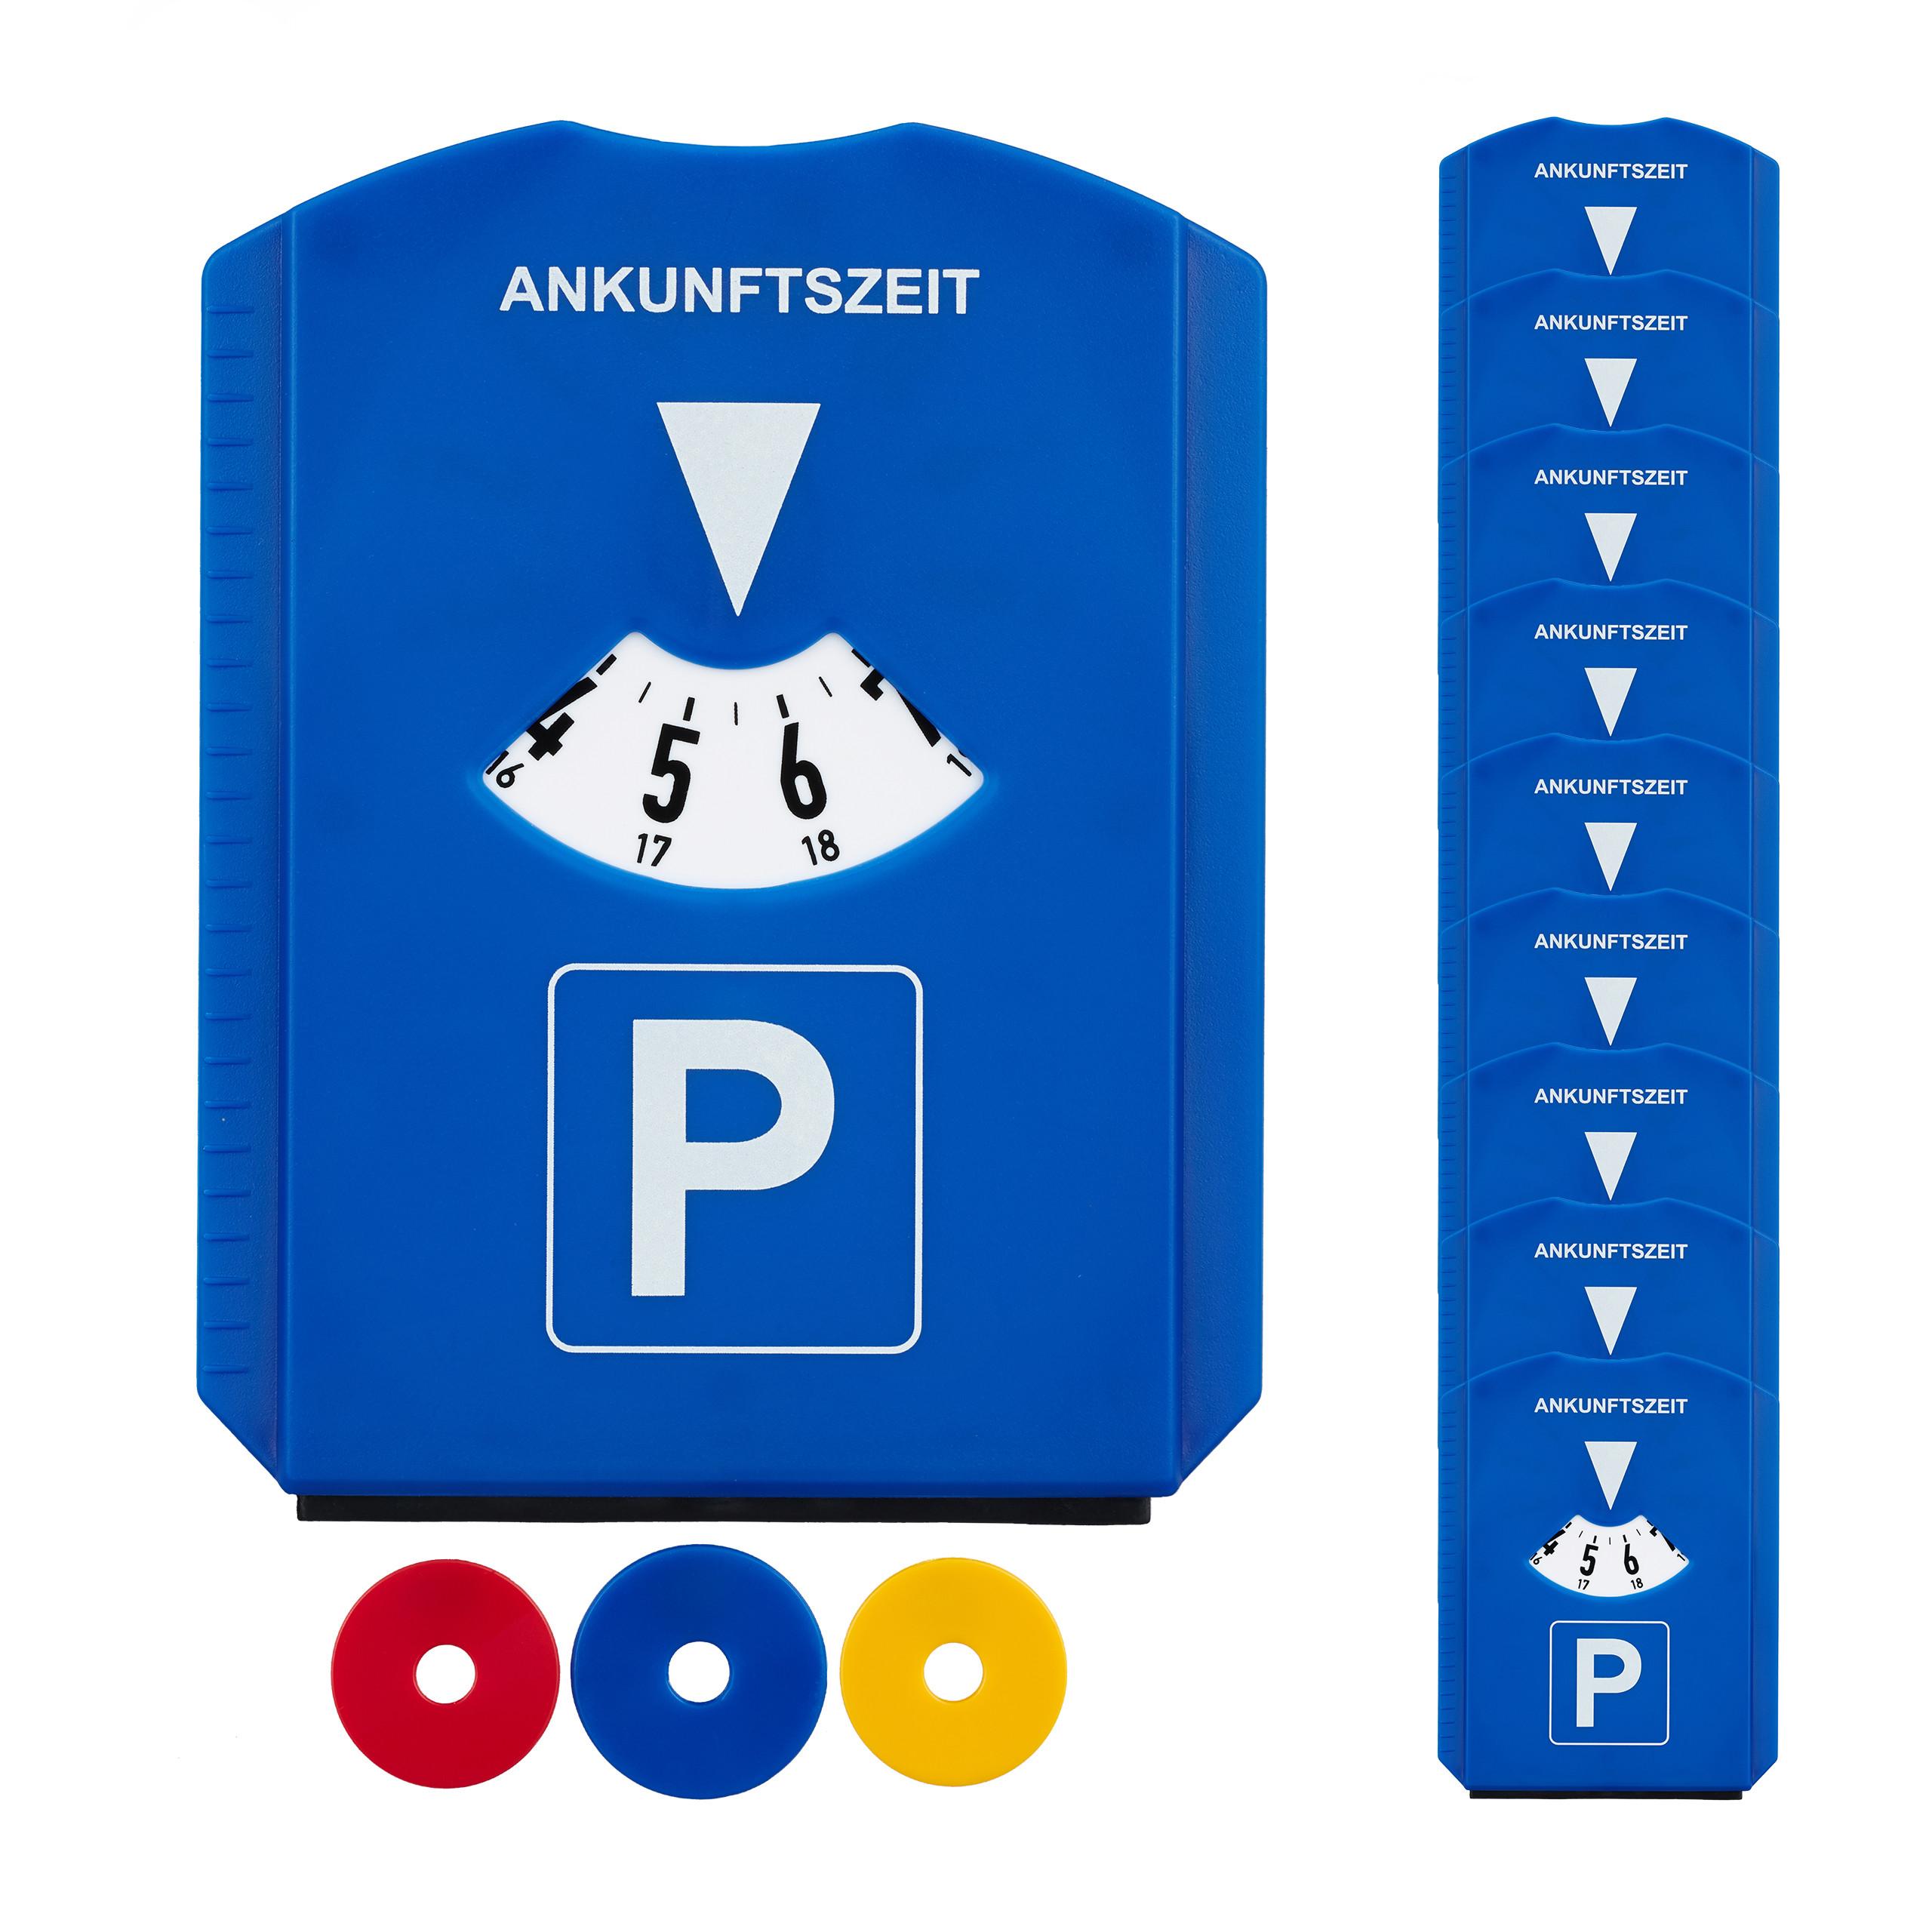 Kunstoff mit Eiskratzer und 3 Einkaufswagwen Chips,Neu Auto,Parkscheibe,Parkuhr